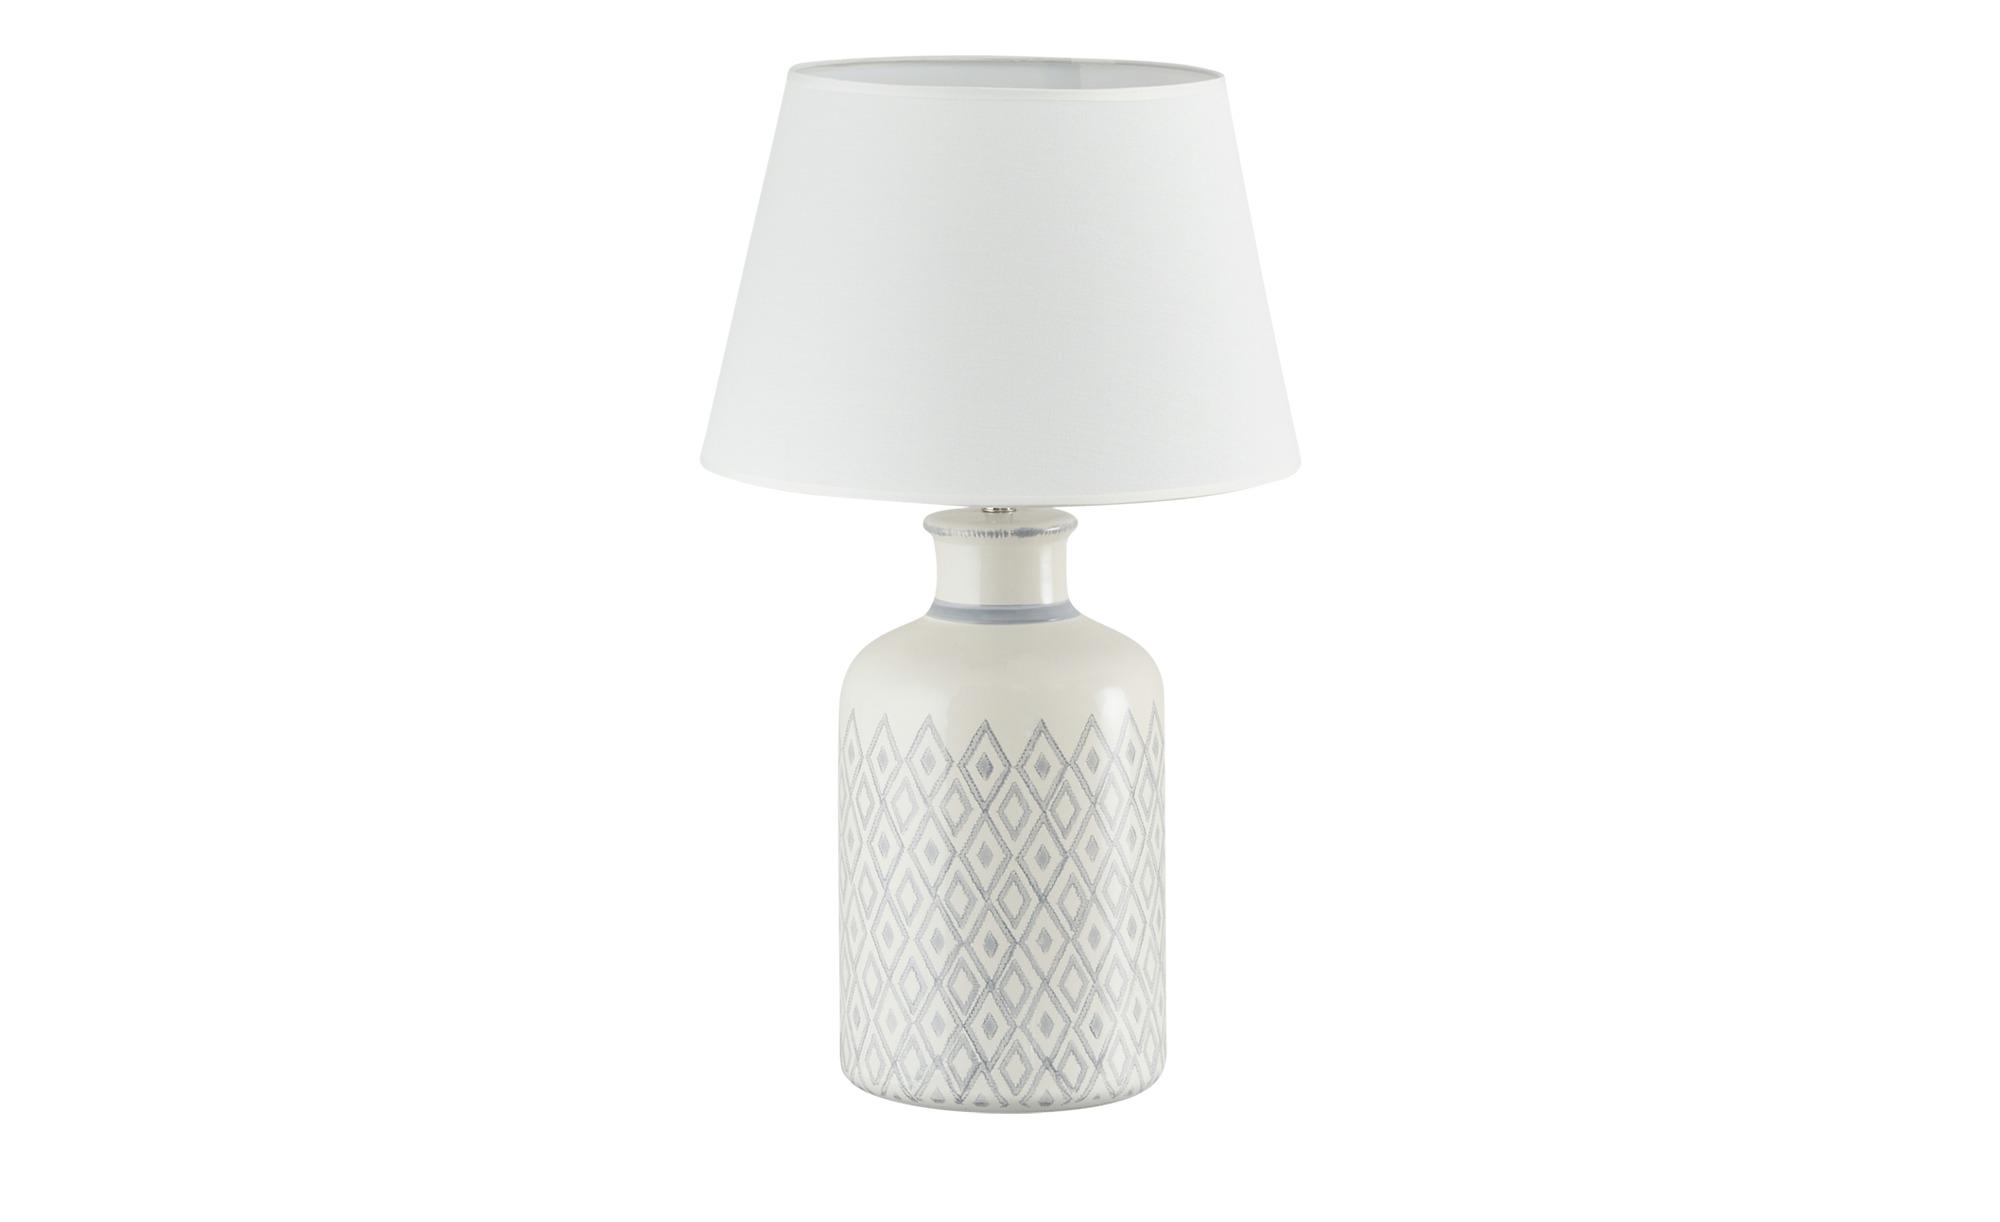 KHG Keramik-Tischleuchte, 1-flammig, grau/ Handbemalt ¦ grau ¦ Maße (cm): H: 61 Ø: 35 Lampen & Leuchten > Innenleuchten > Tischlampen - Höffner